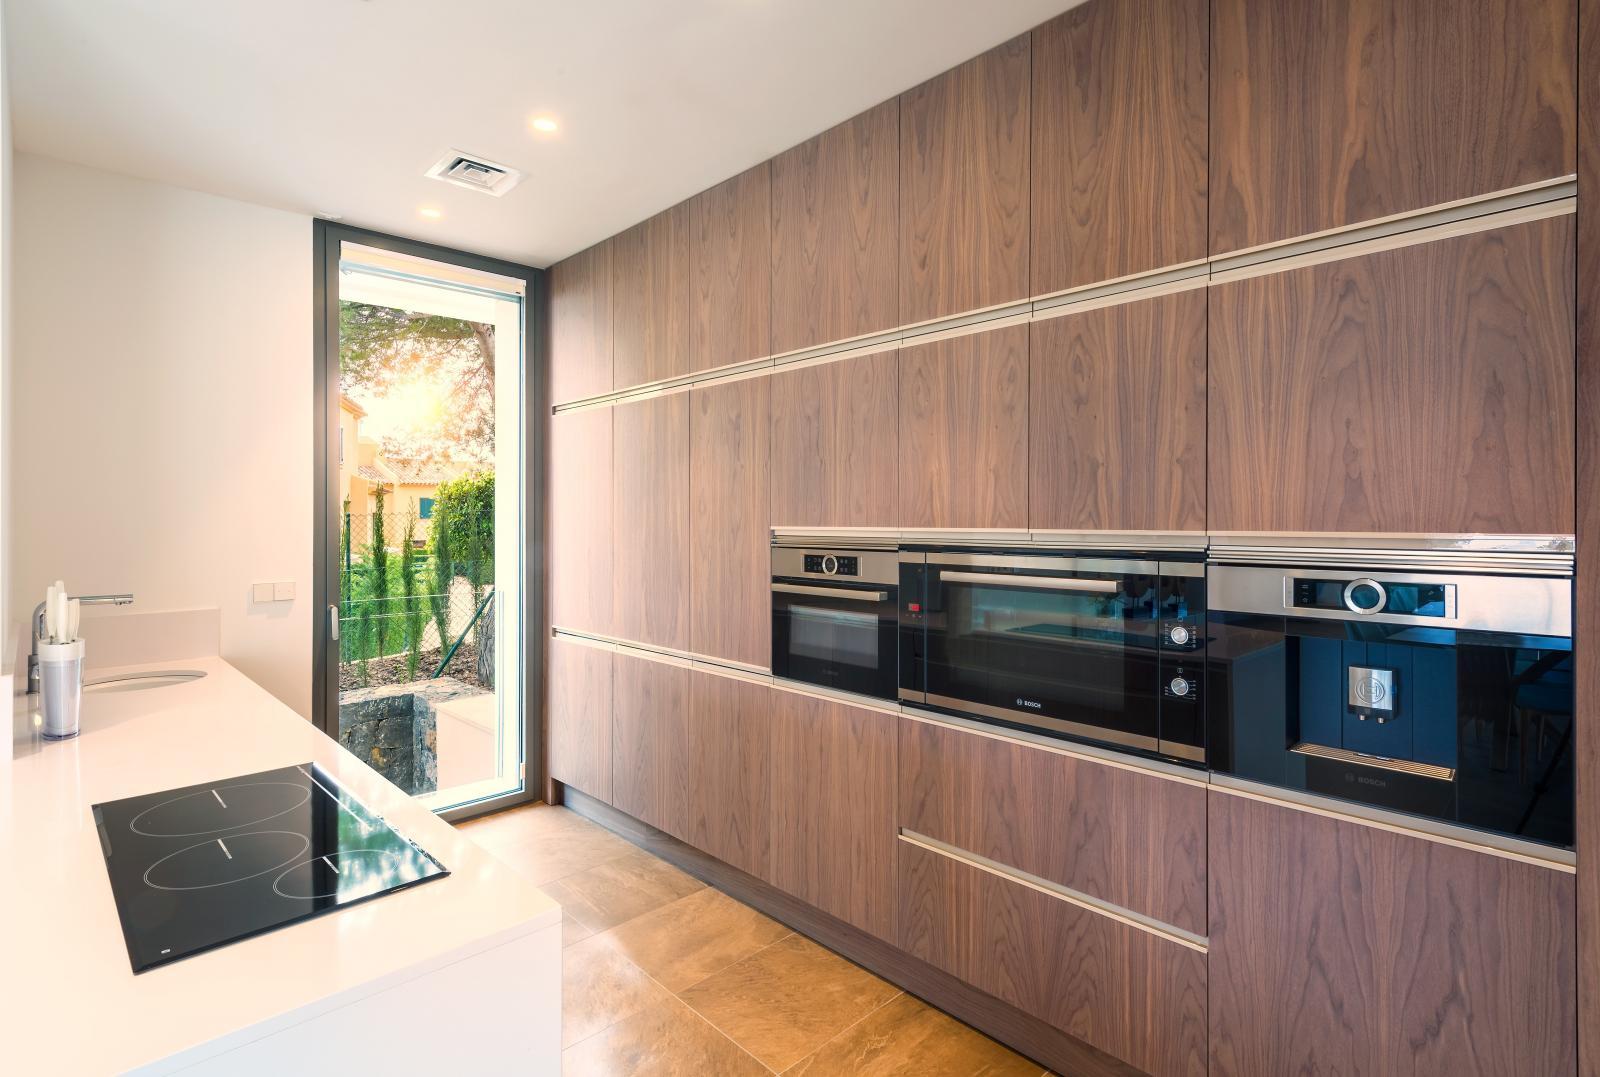 8. Brand new villa in Finestrat Alicante - Fantastic Brand New Villa in Finestrat, Alicante